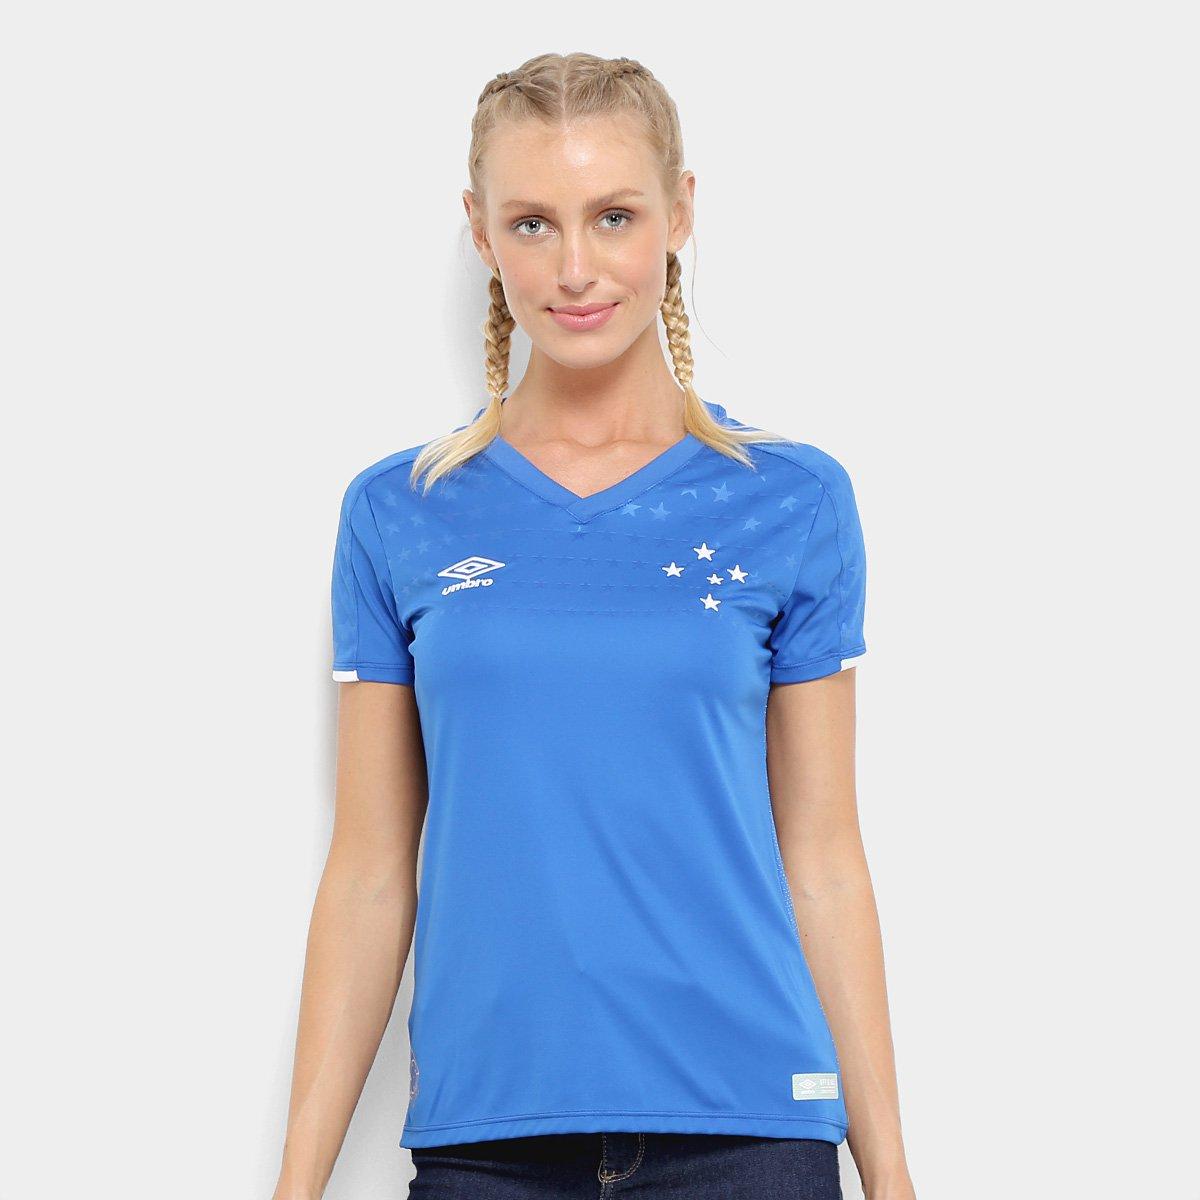 Camisa do Cruzeiro I 19/20 s/n° Torcedor Umbro Feminina